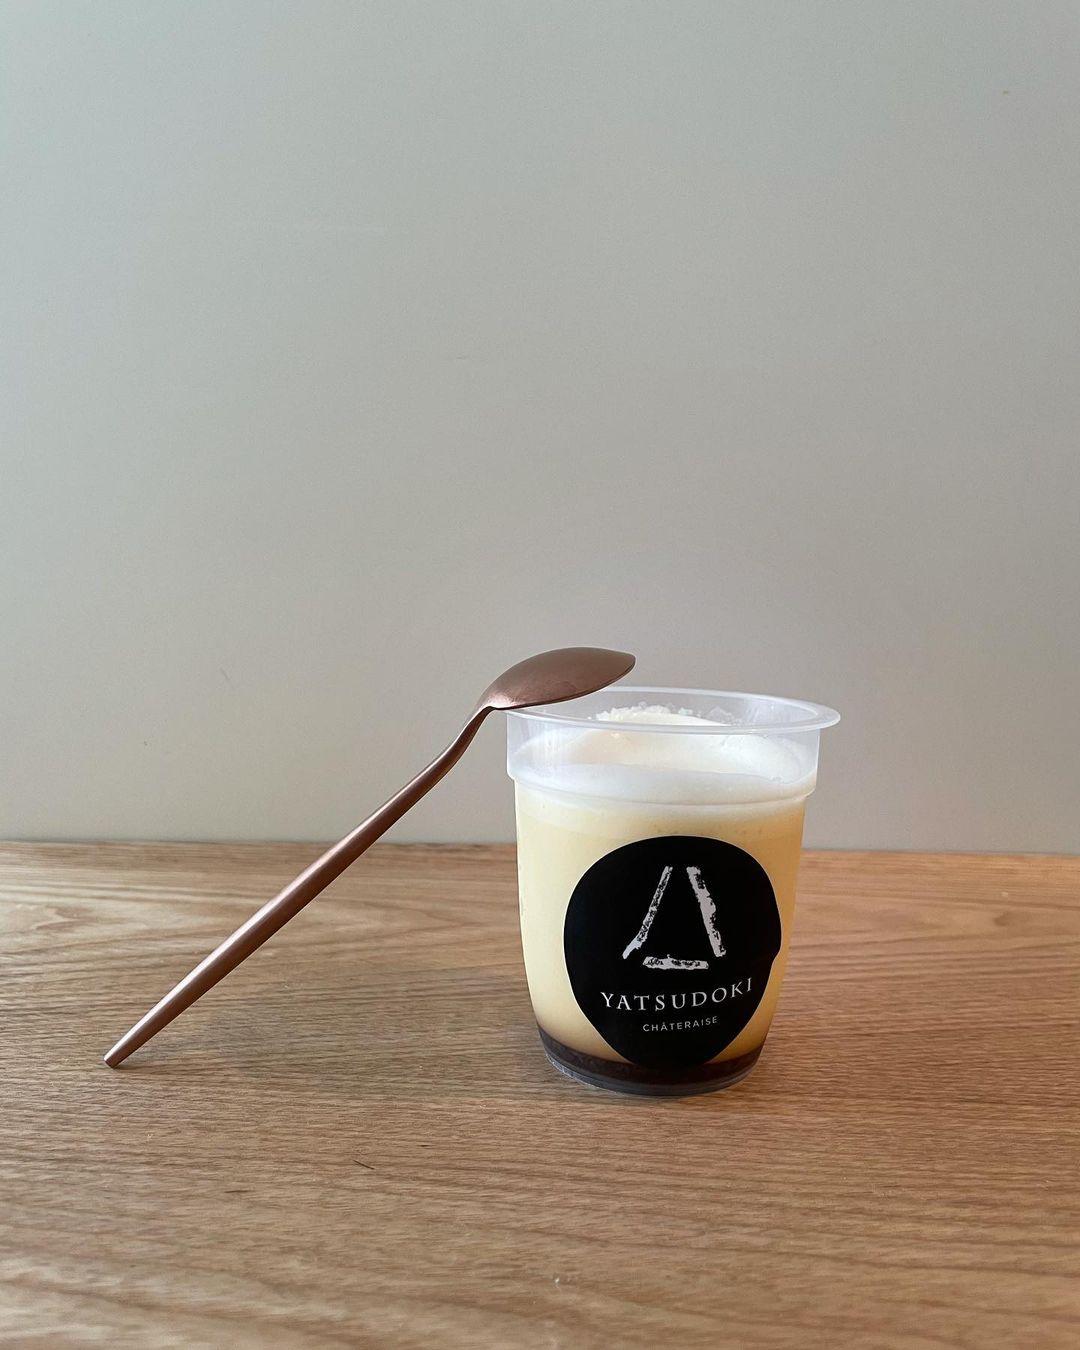 yatsudoki - pudding